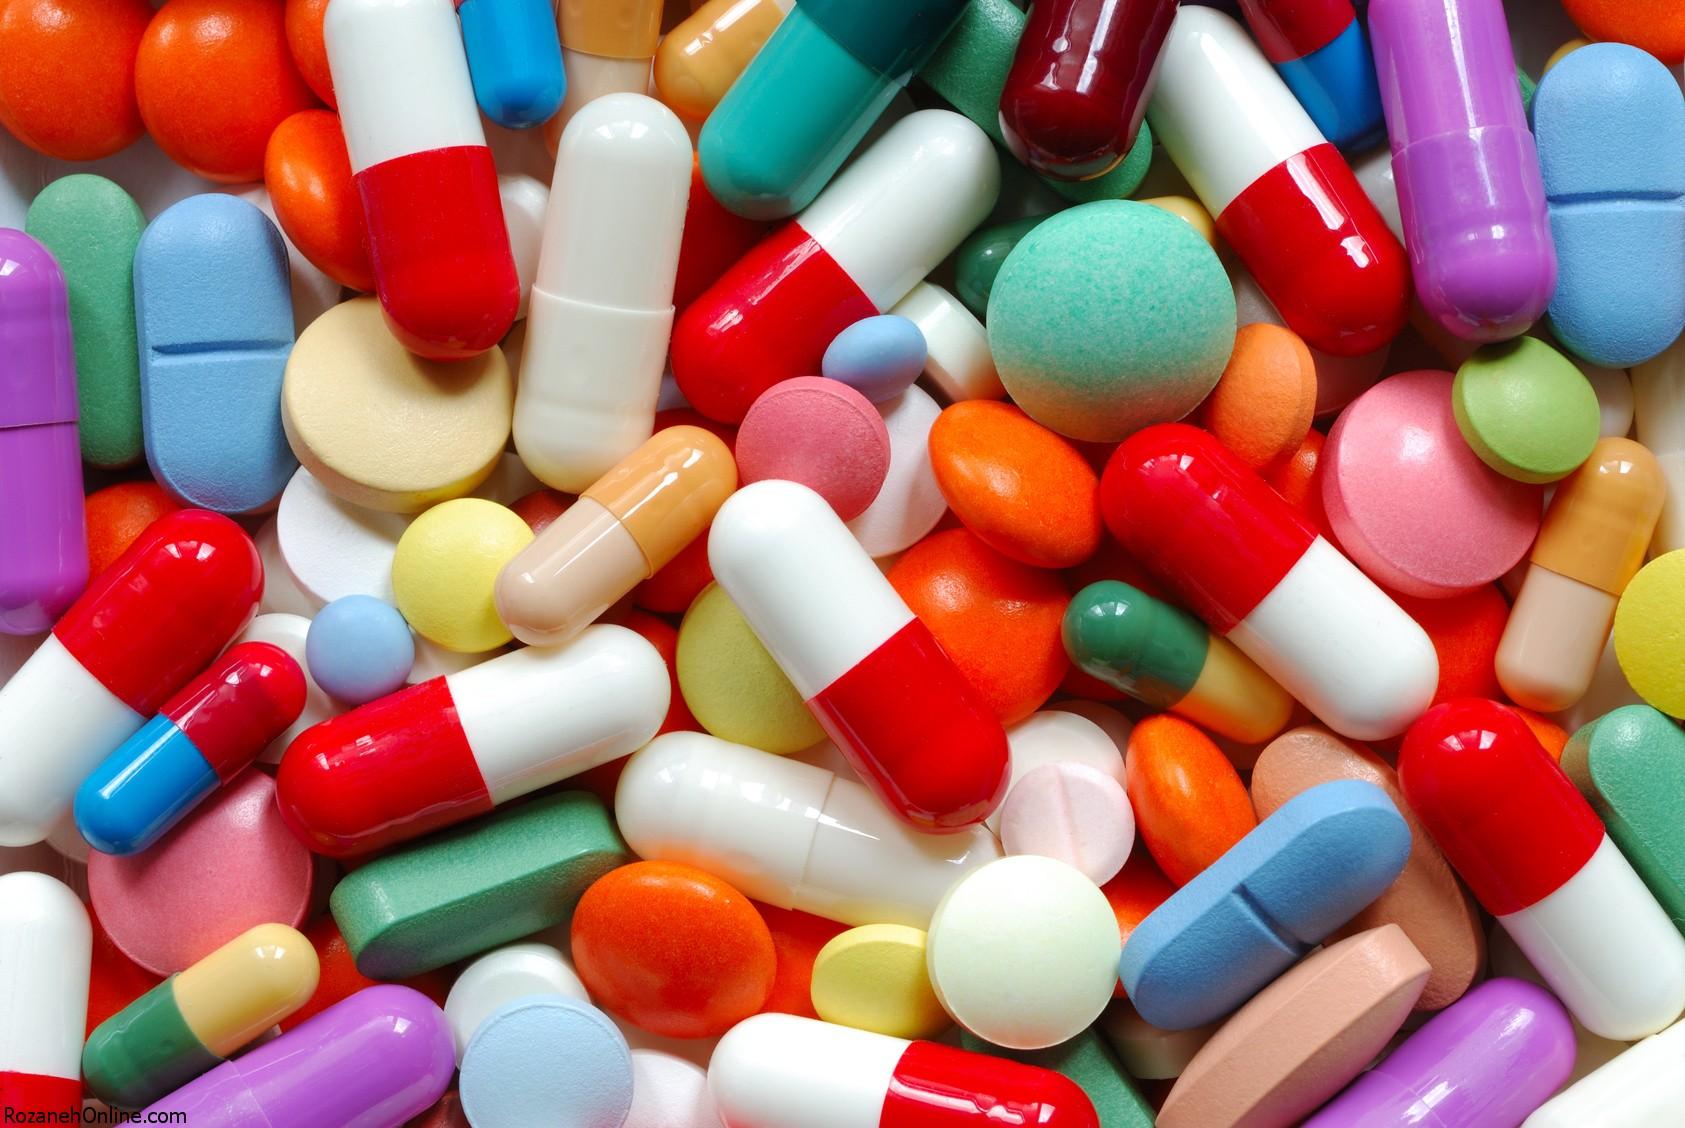 خوردن ماست پروبیوتیک و درمان عوارض جانبی آنتی بیوتیکها